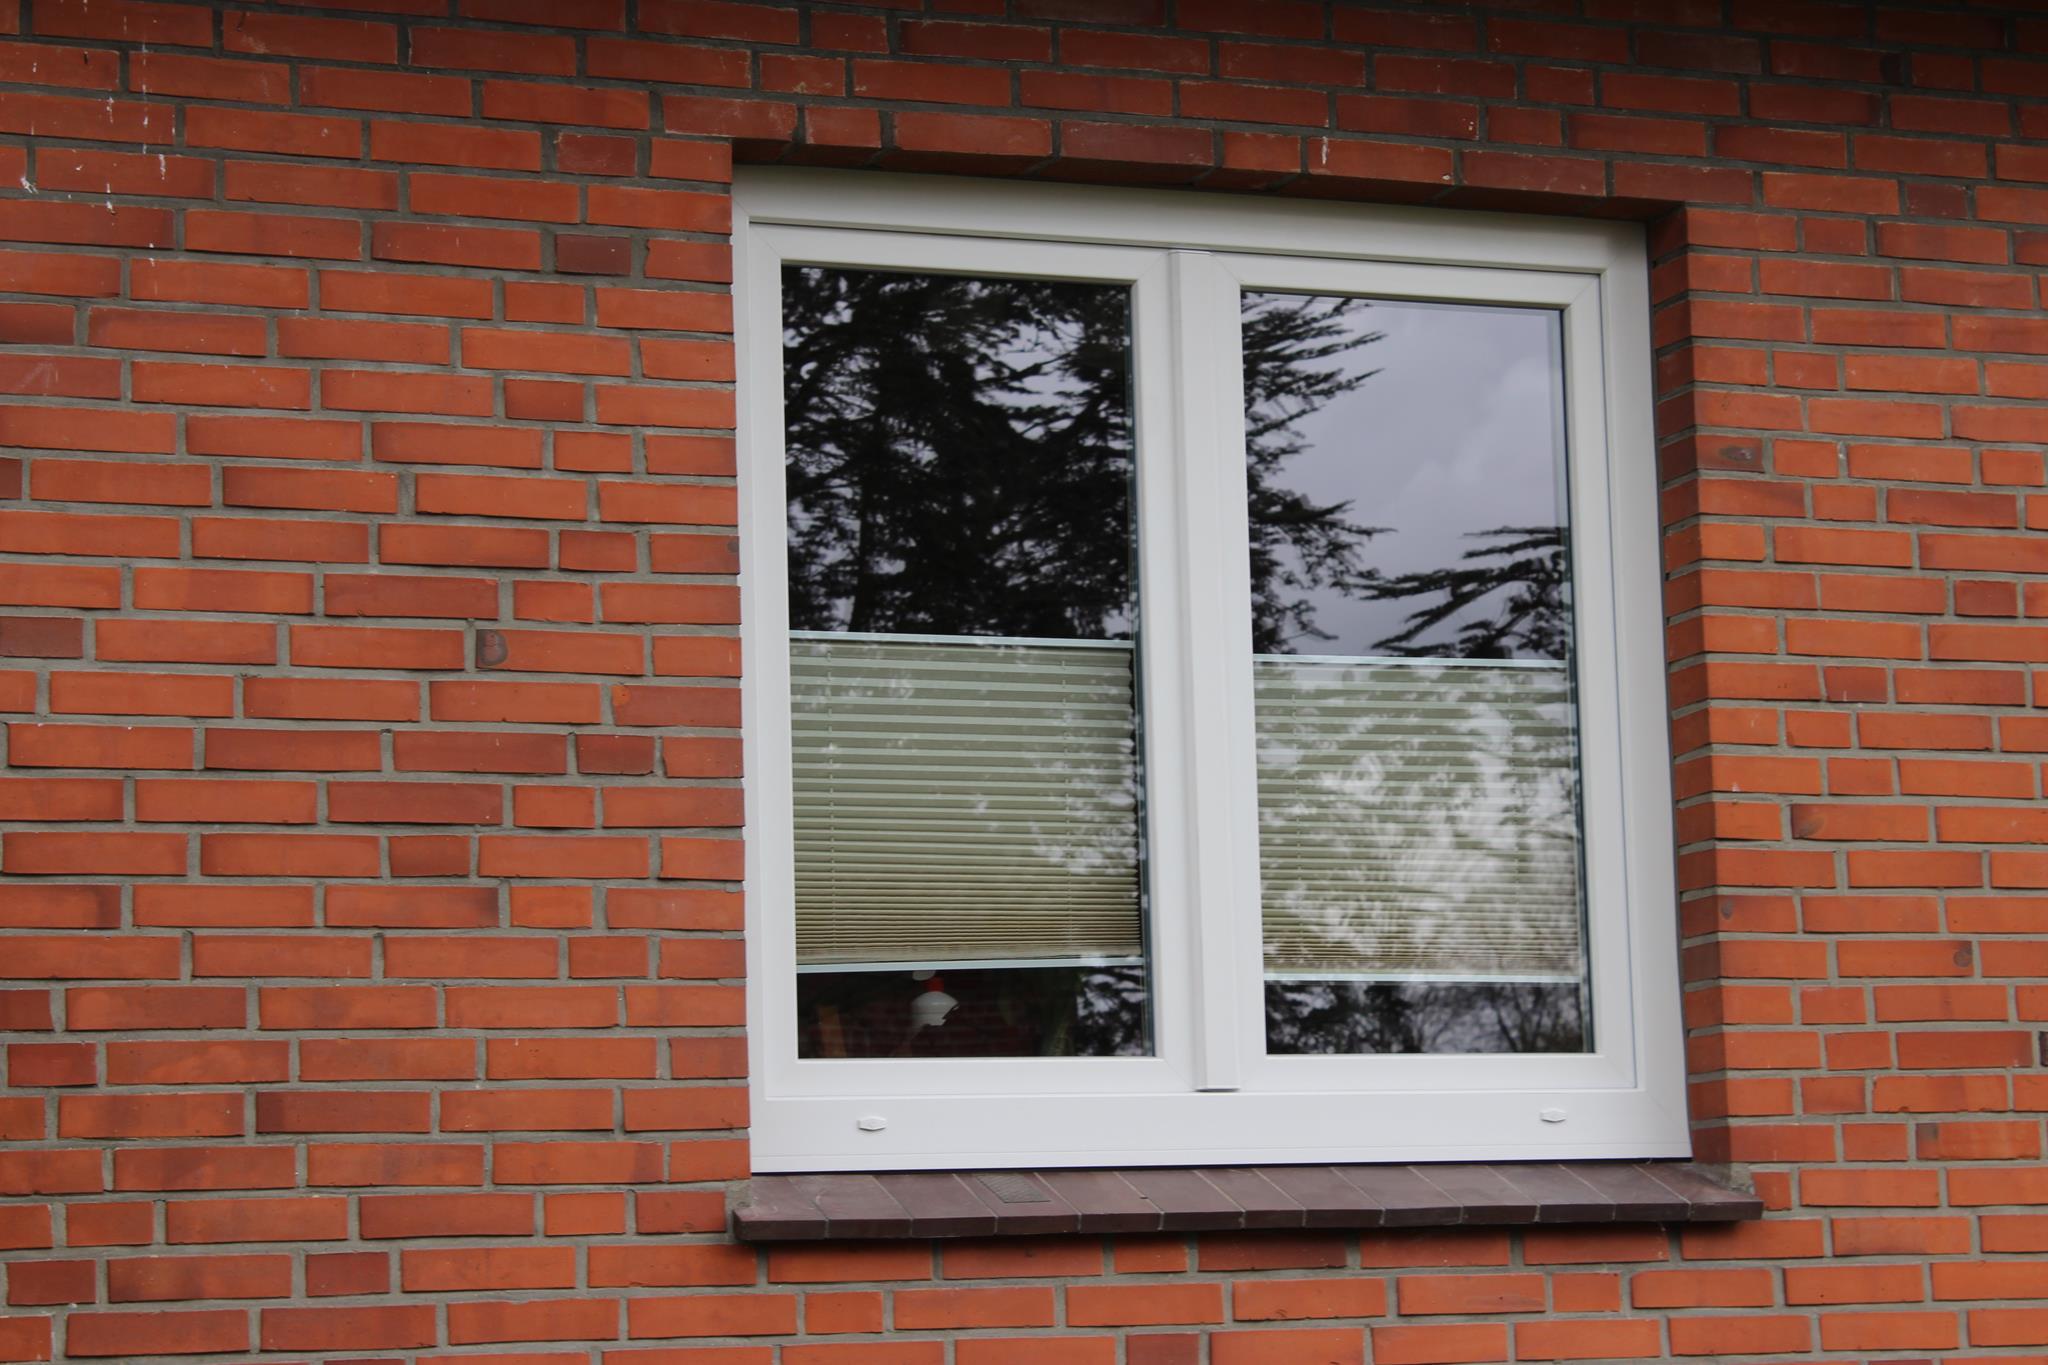 Fenster abgeschlossen